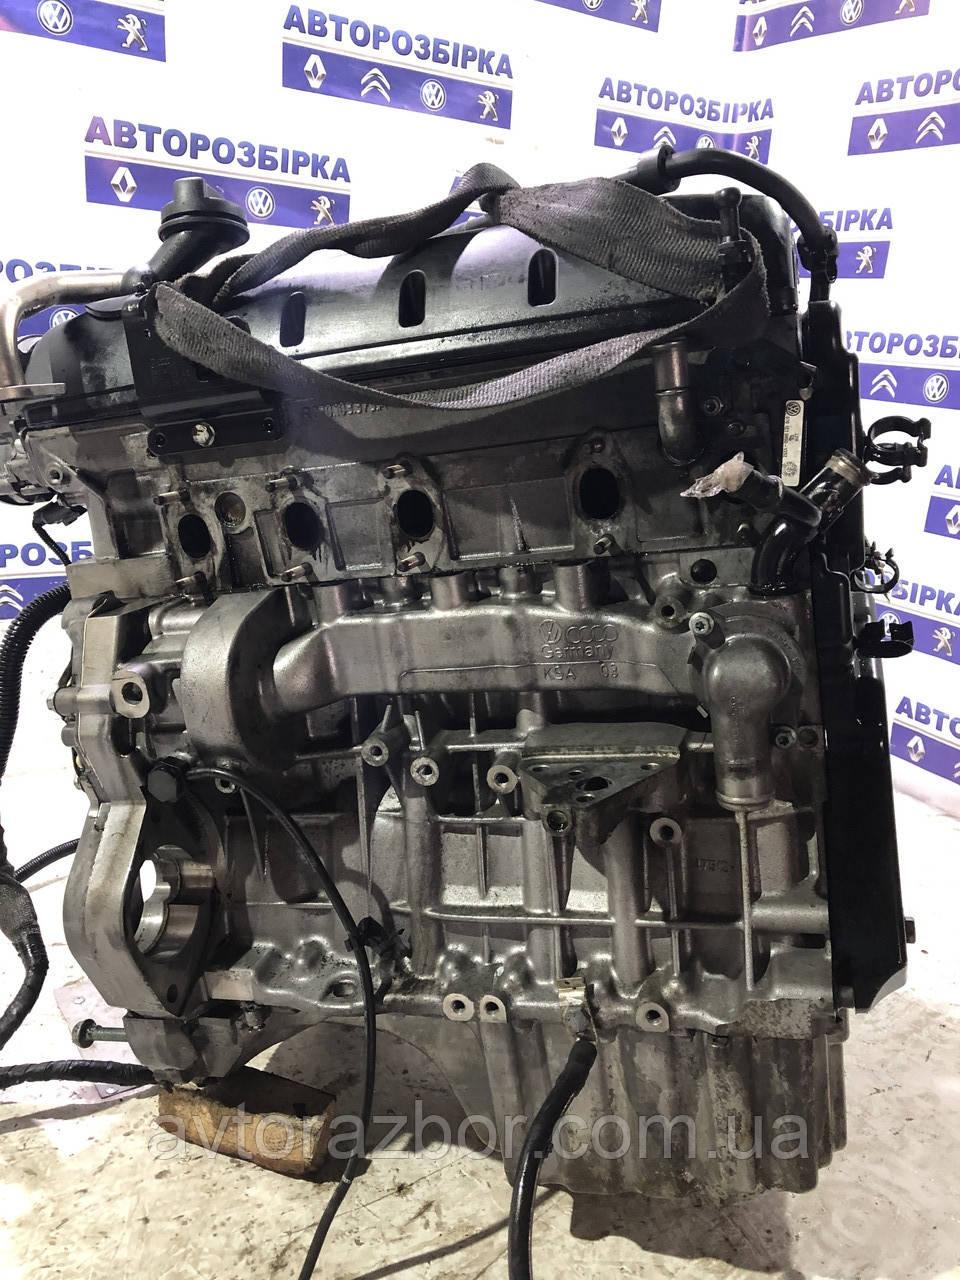 Двигатель фольксваген туарег 2002 2003 2004 2005 2006 2007 2008 2009 volkswagen touareg 2.5двигун мотор